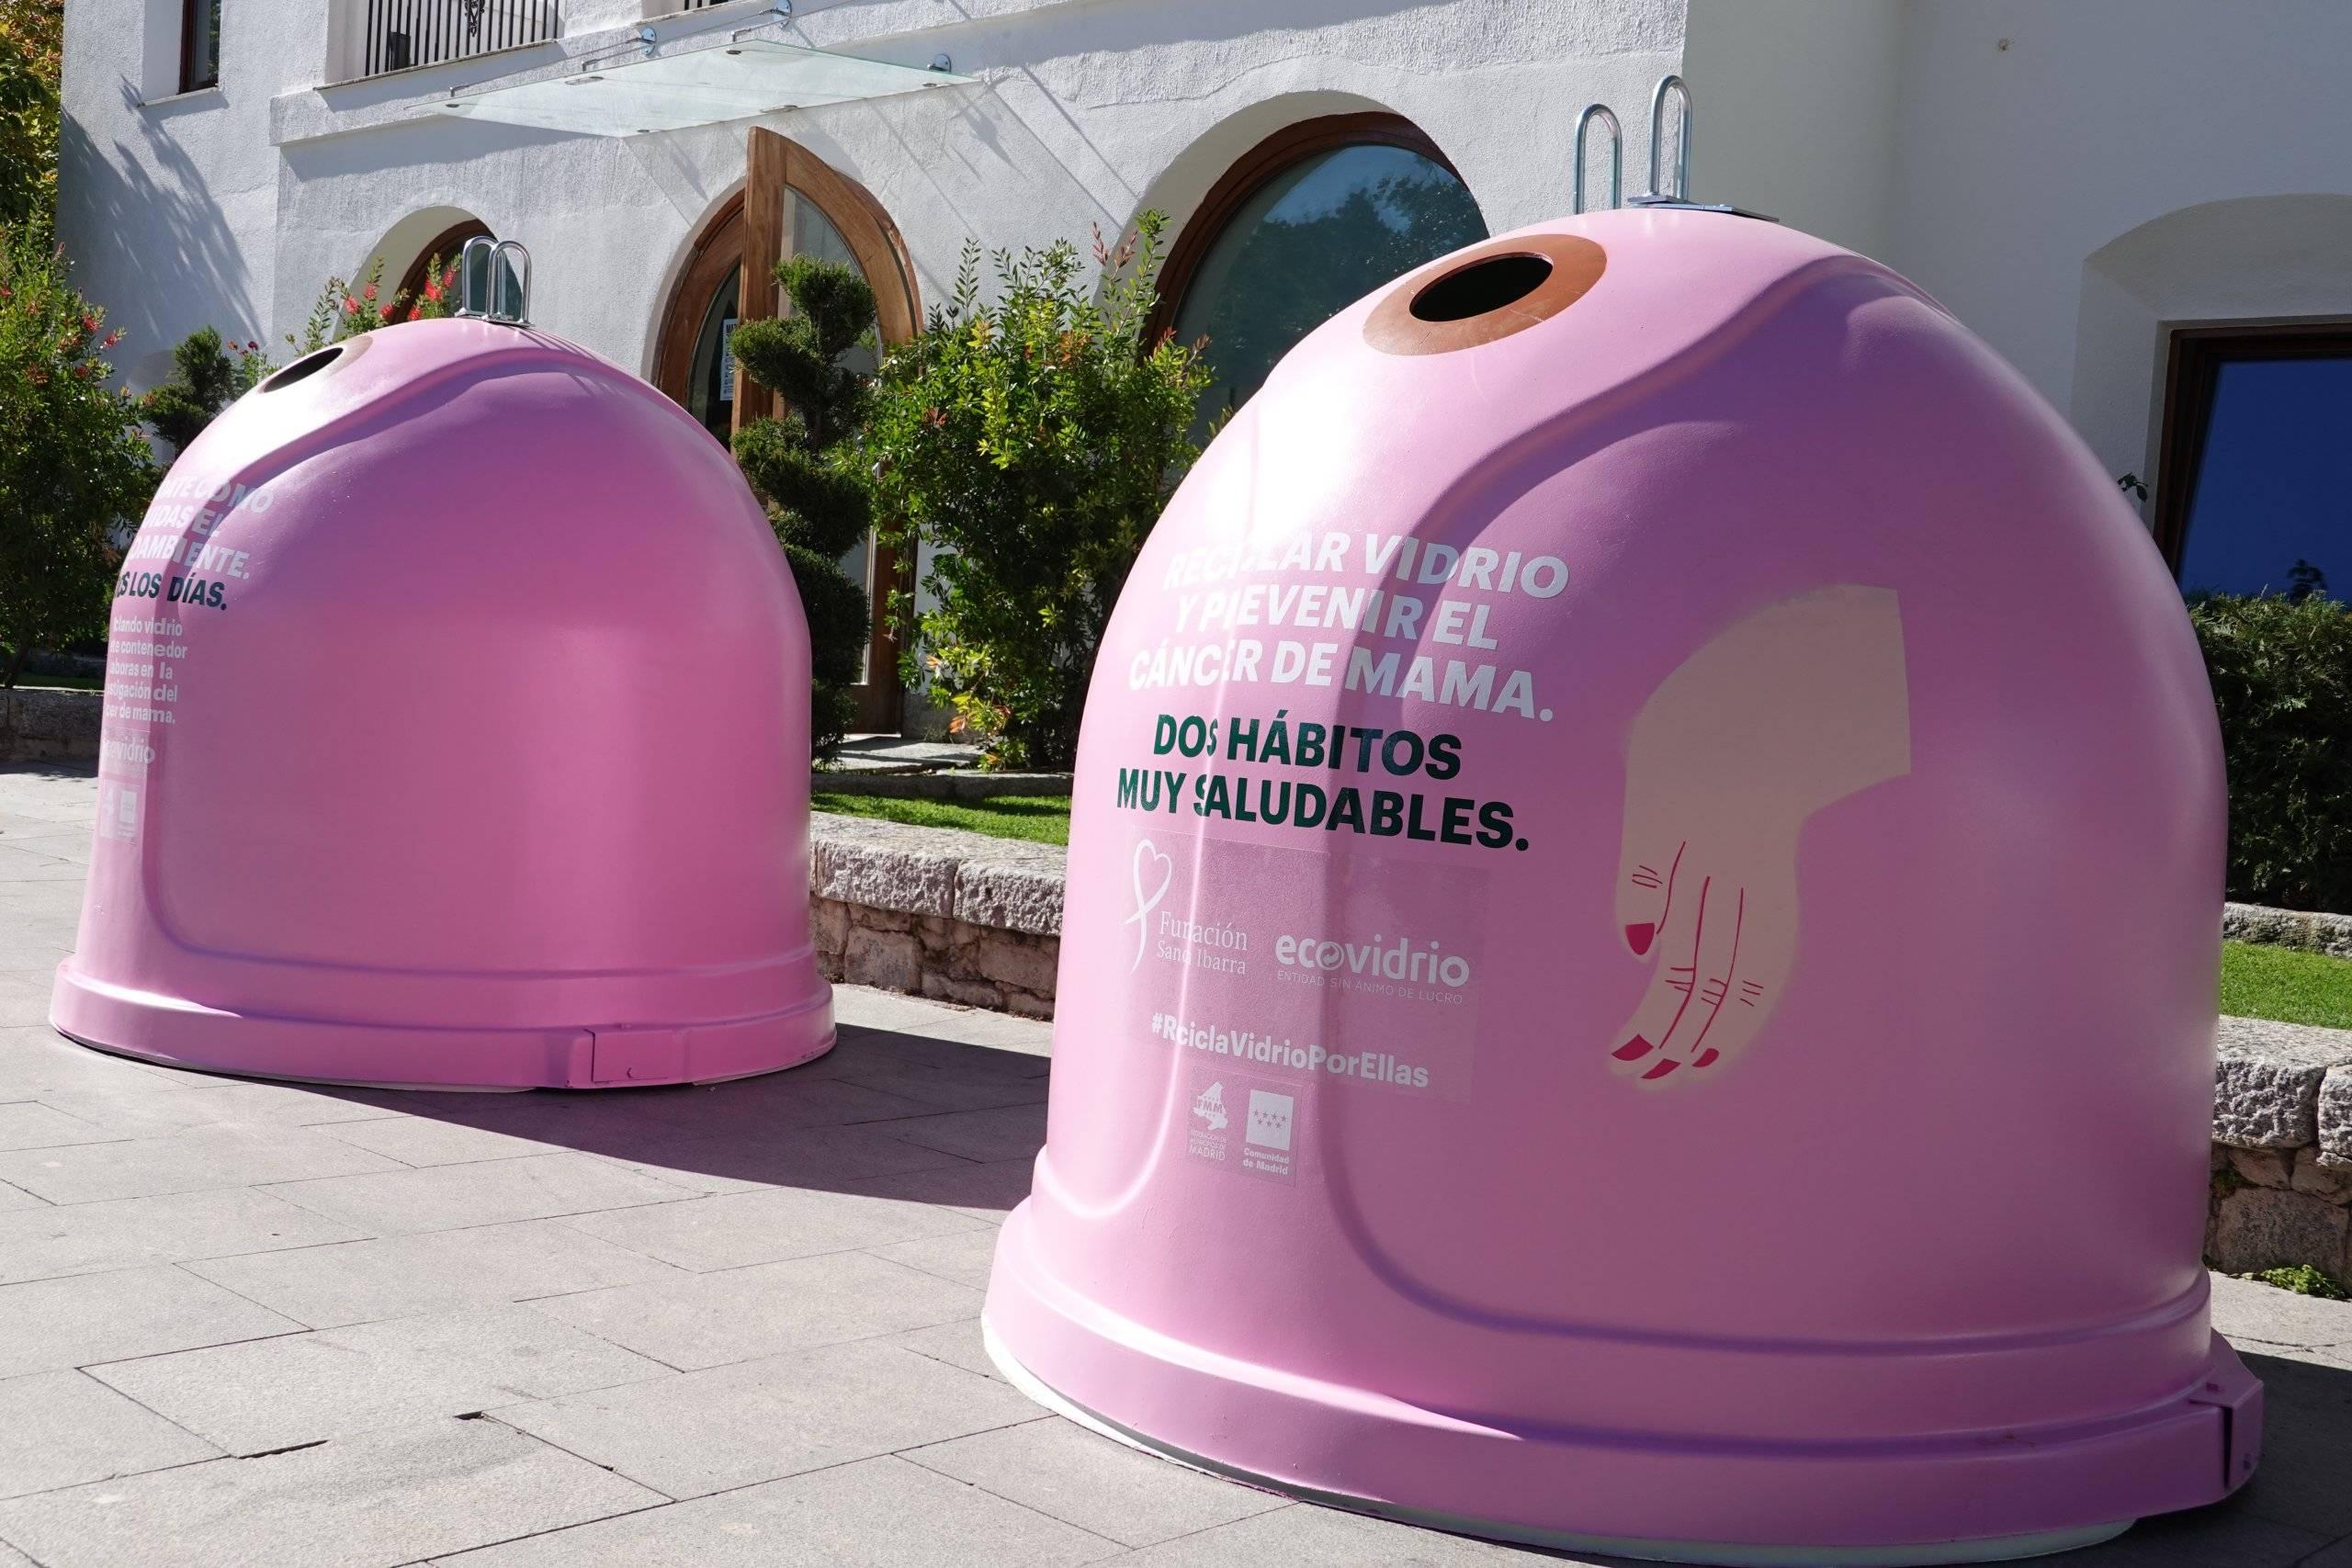 La instalación de los mismos se ha realizado en la plaza de España.